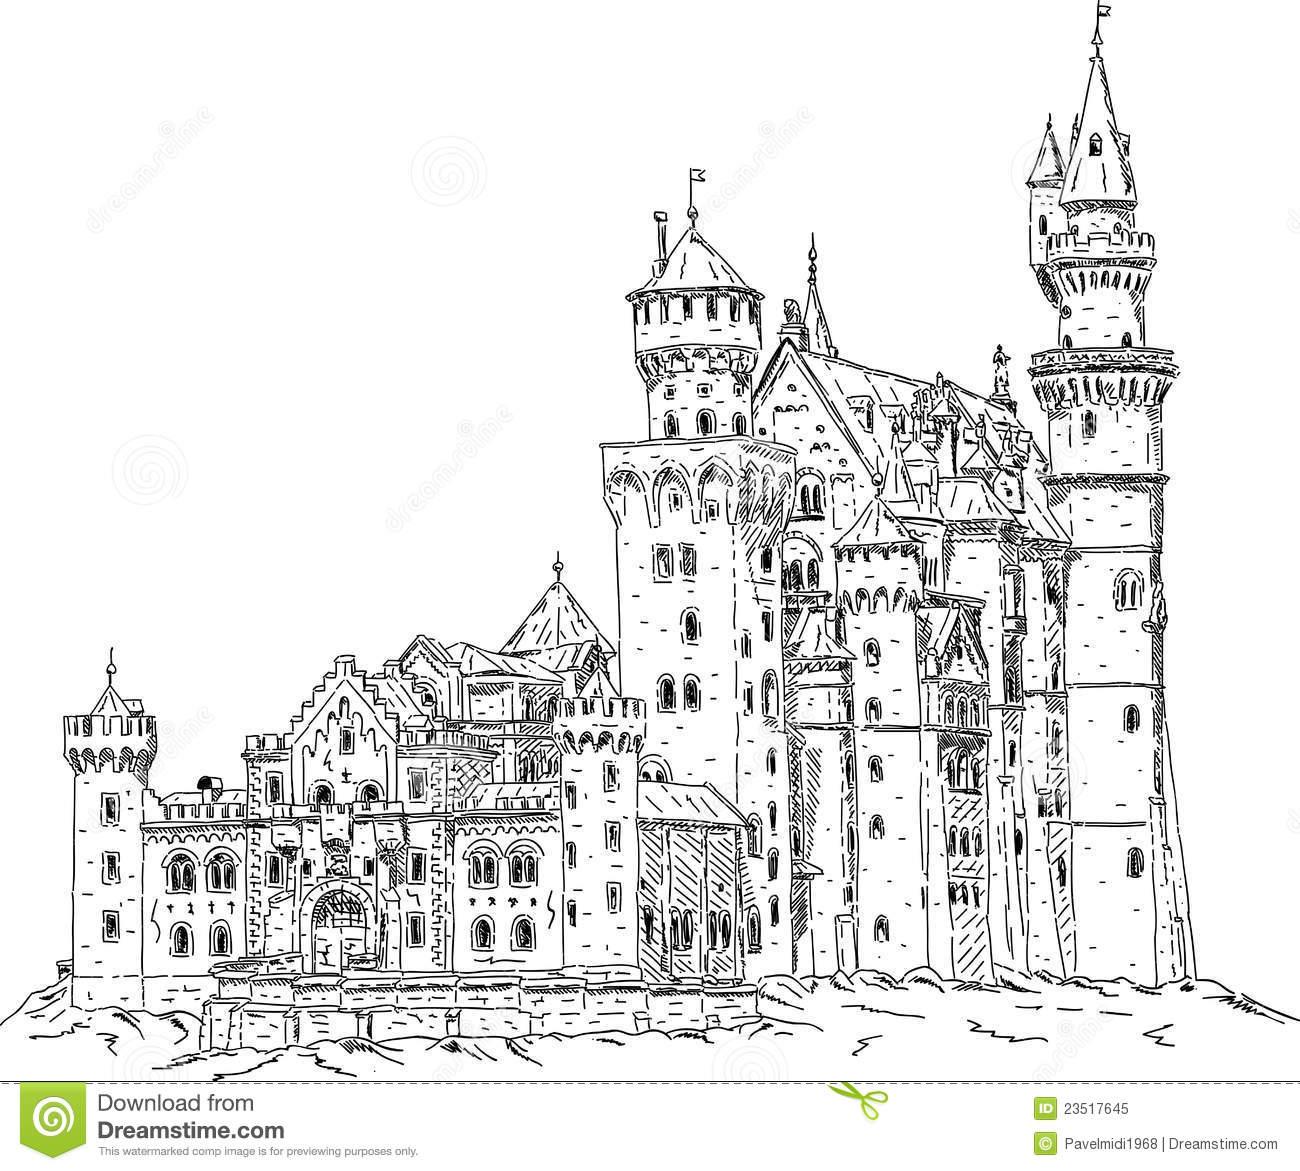 Neuschwanstein castle clipart.